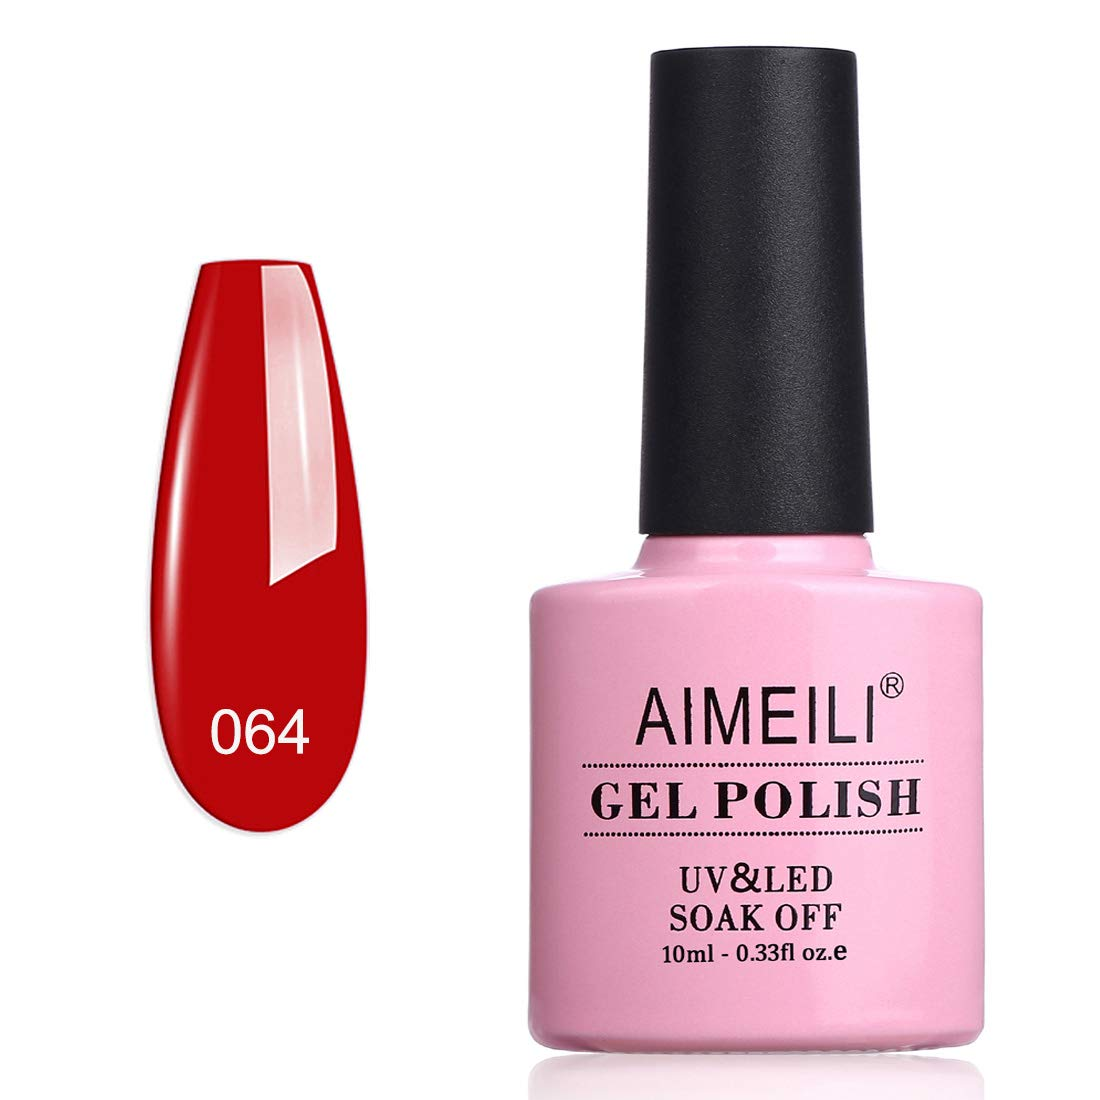 AIMEILI Soak Off UV LED Gel Nail Polish - Pillar Box Red (064) 10ml